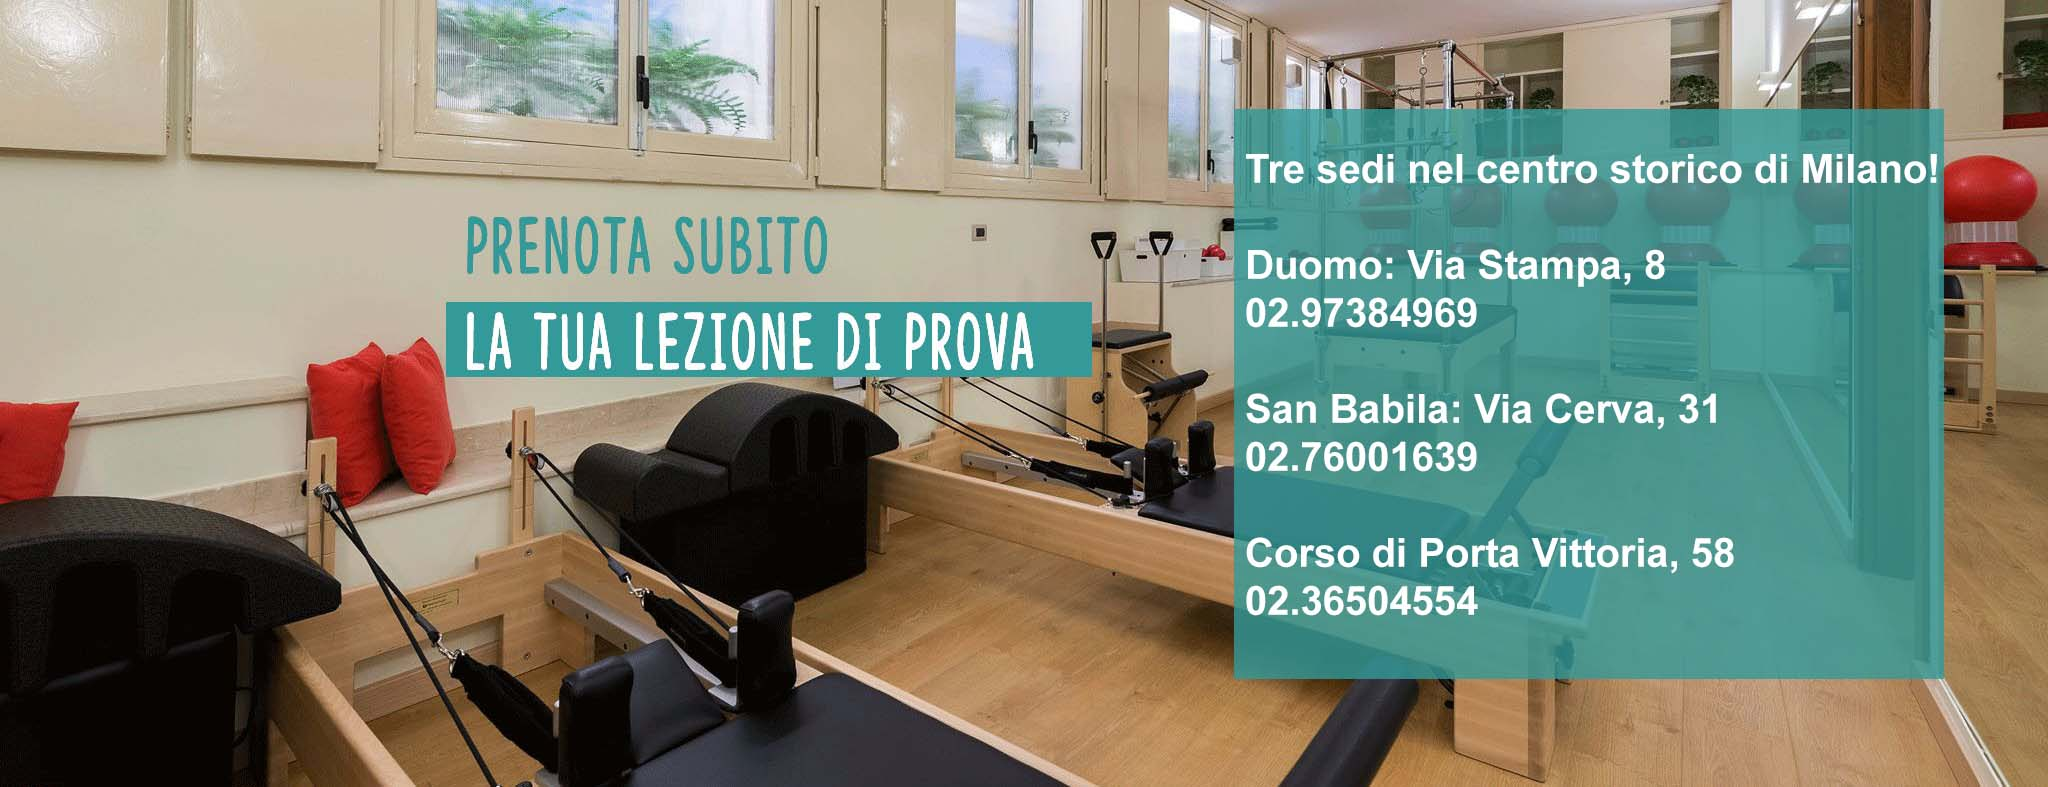 Pilates Fatebene Fratelli Milano - Prenota subito la tua lezione di prova